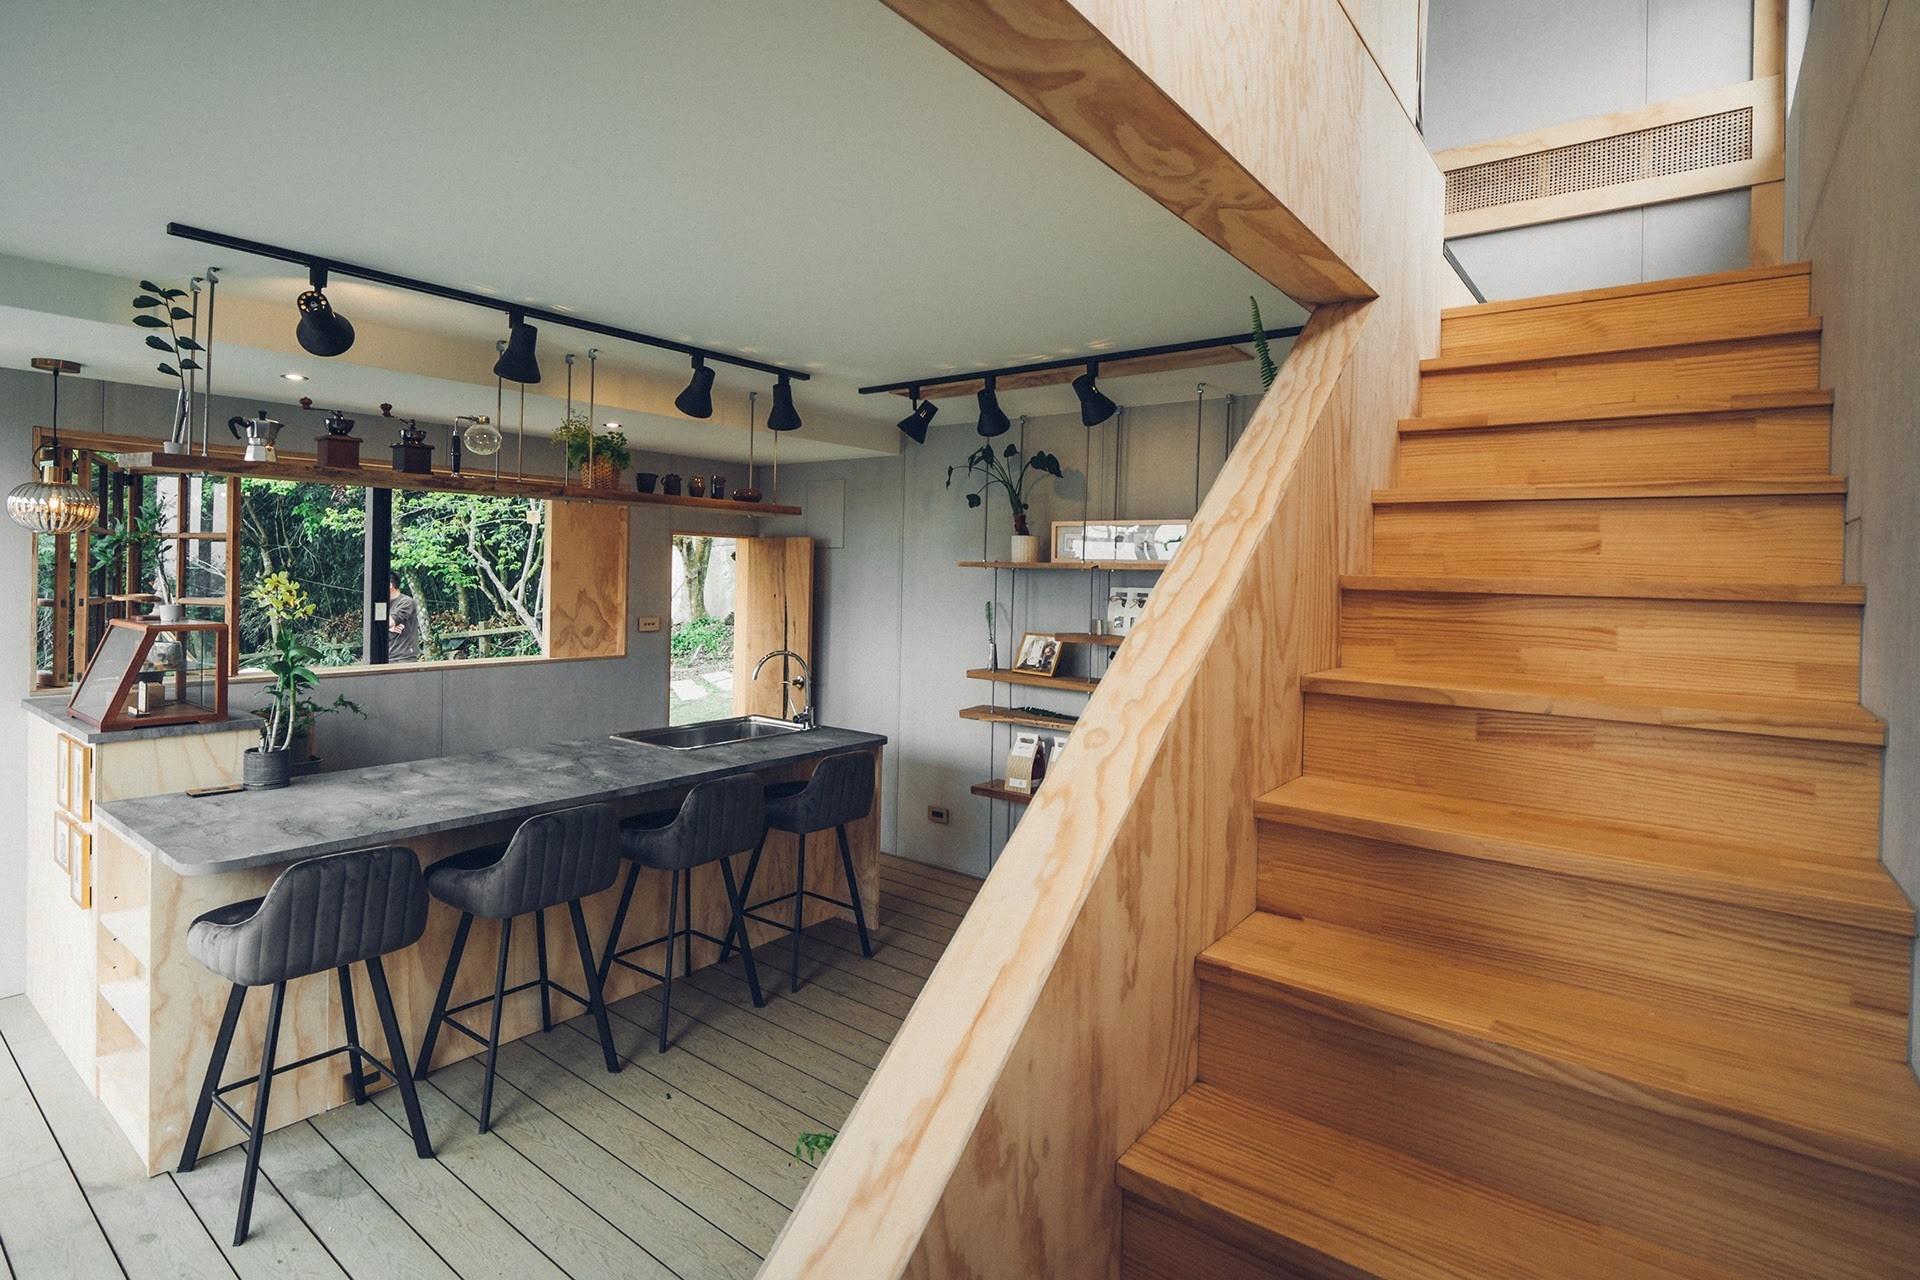 阿里山樟樹湖山角鐵茶屋樓梯間木紋設計